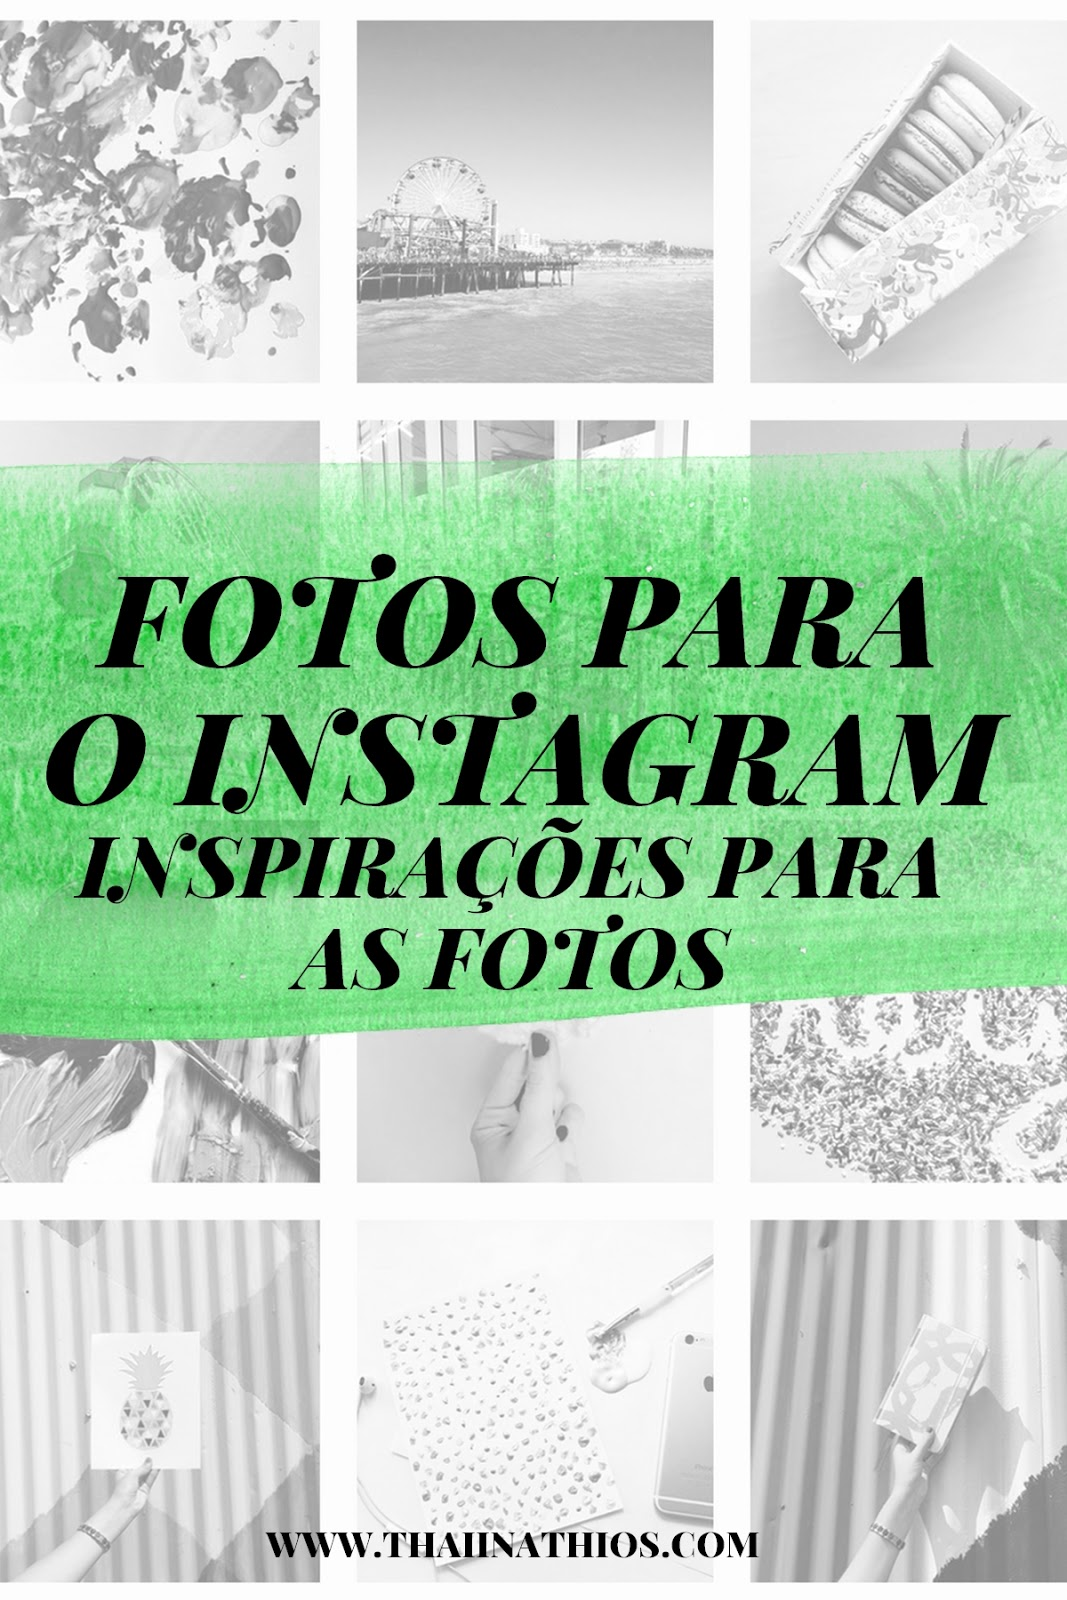 Inspirações para as Fotos